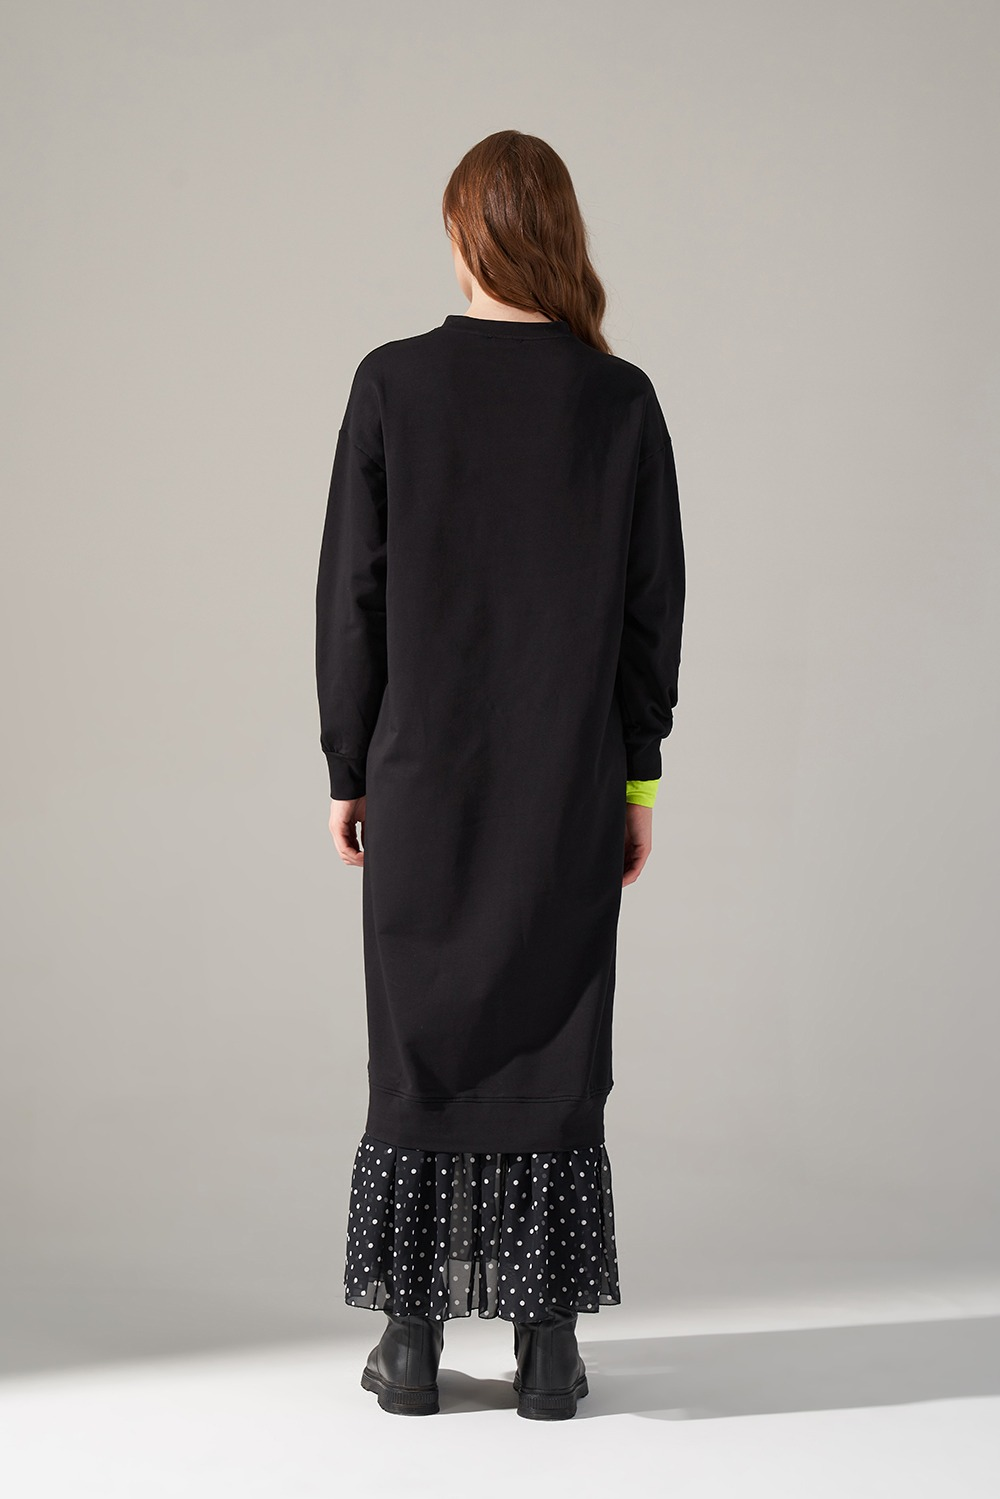 Desenli Etek Garnili Elbise (Siyah)